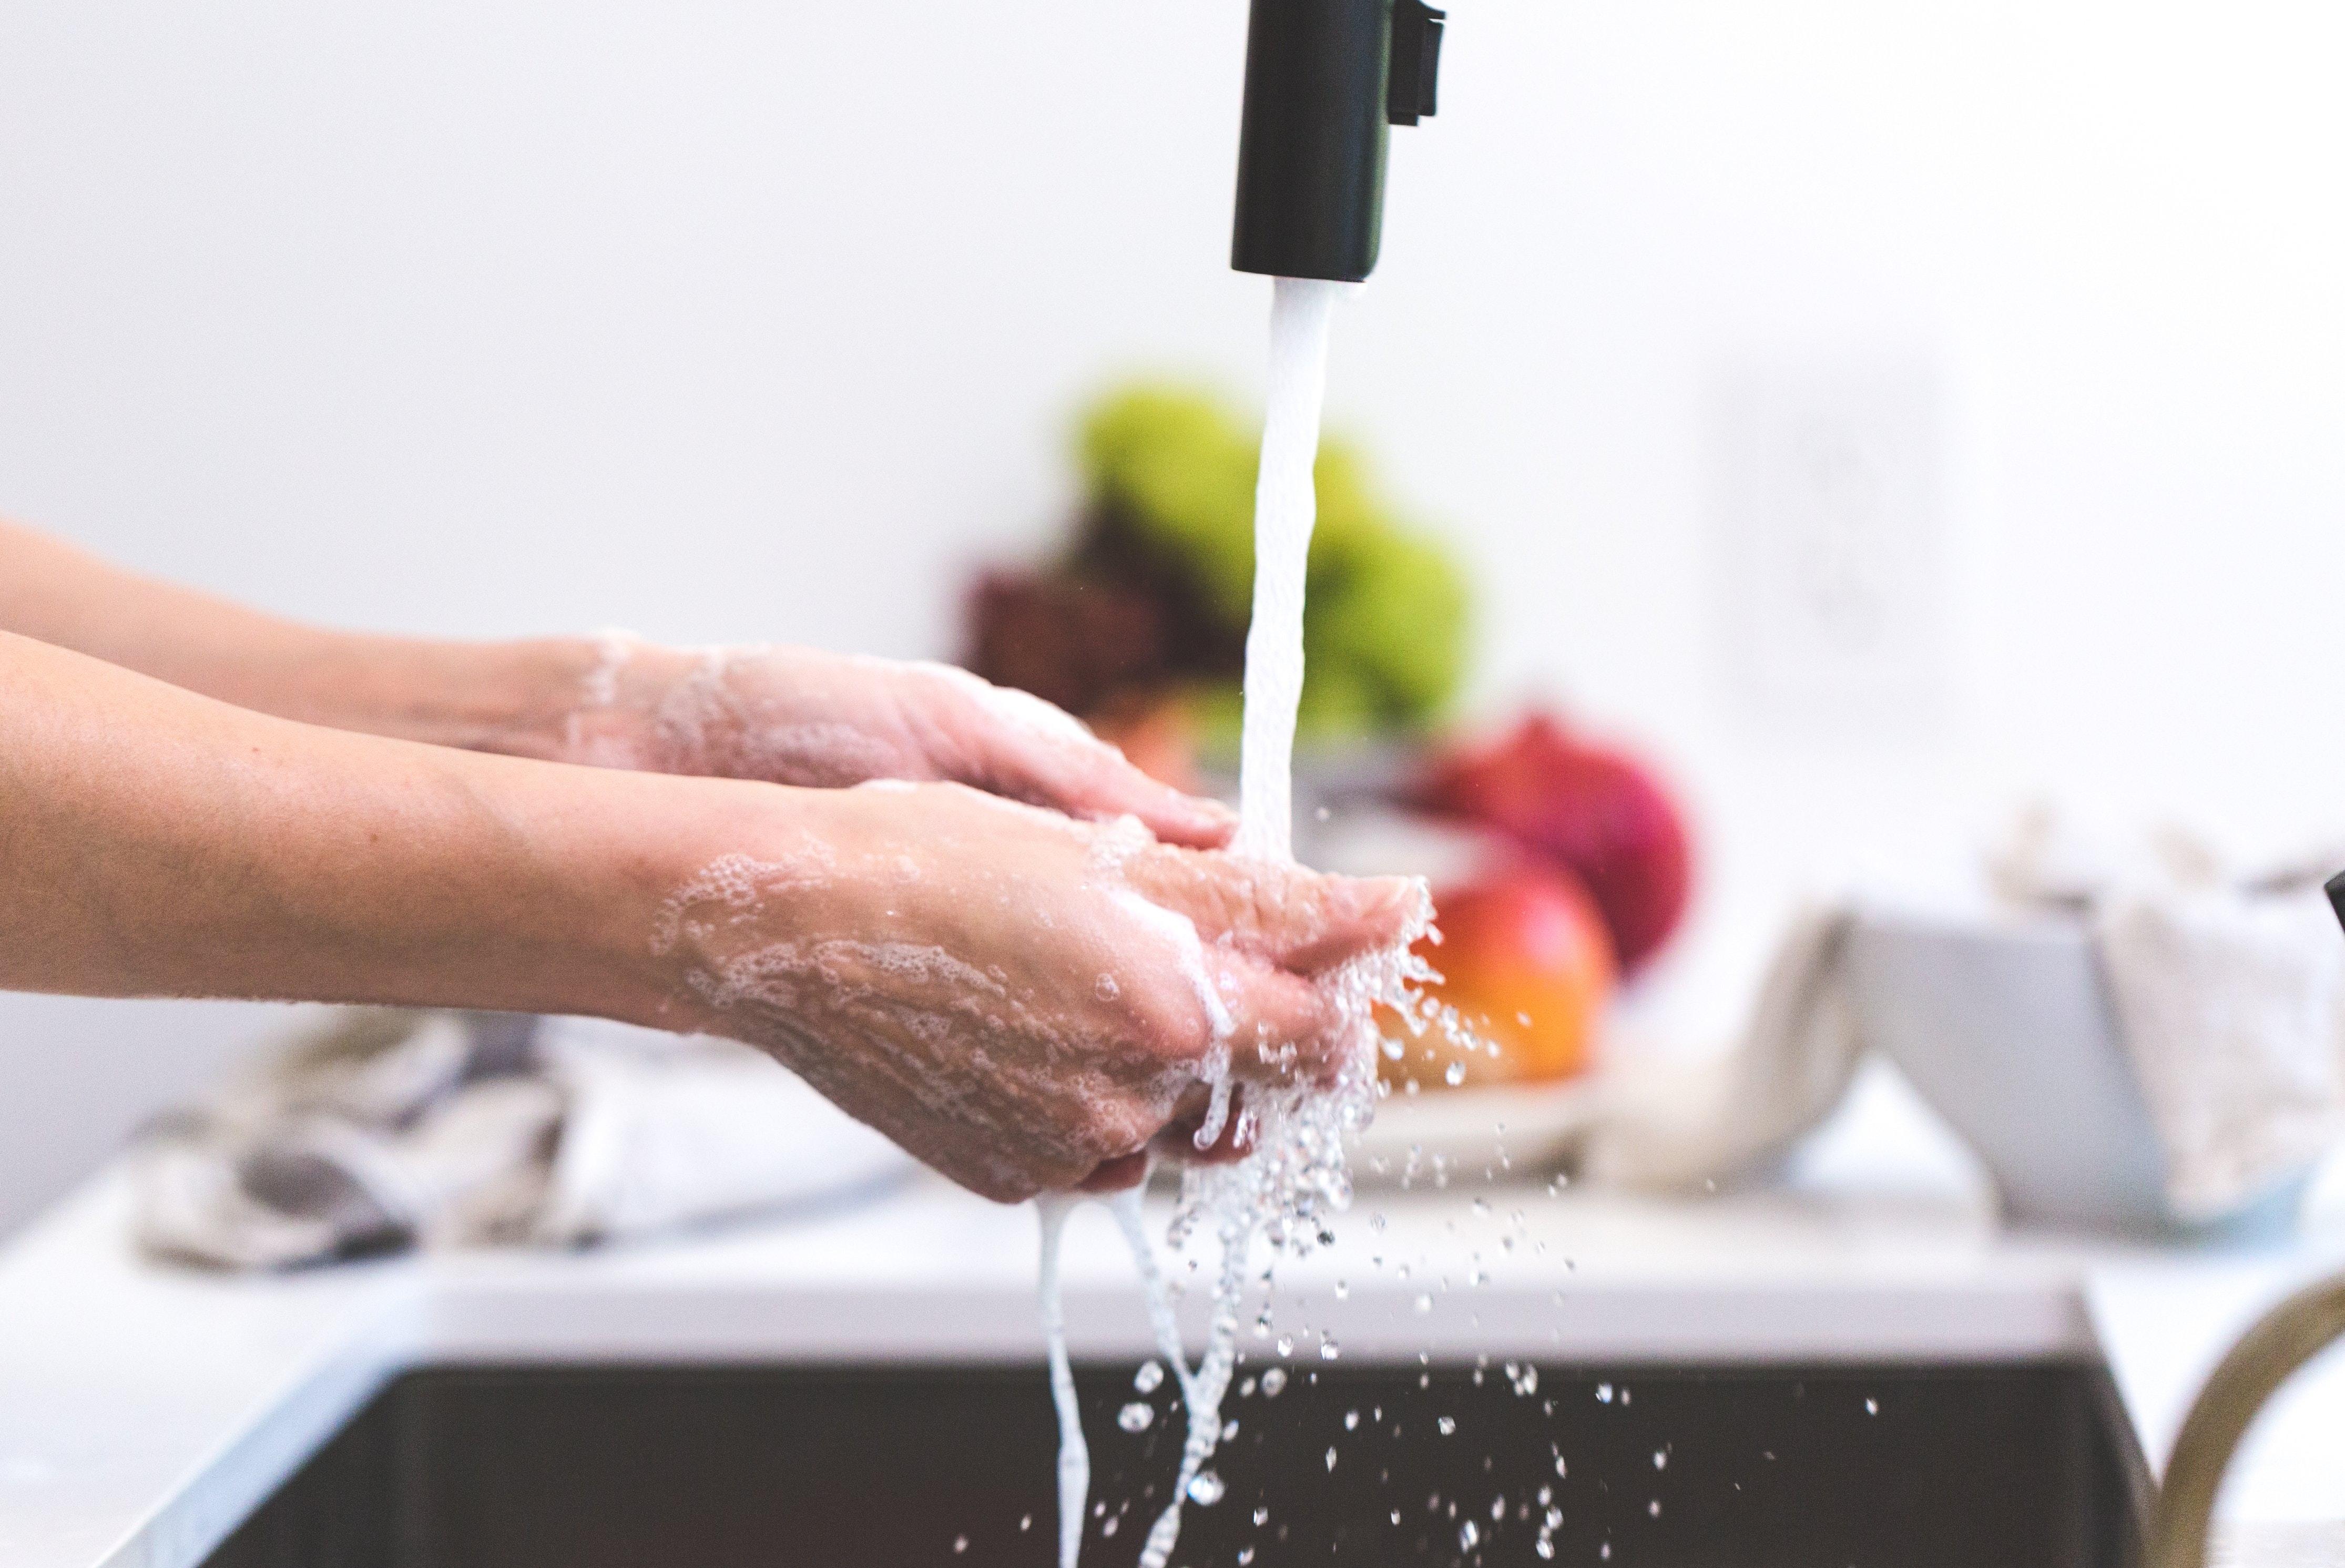 eSmiley Clean - en ny rengjøringsmodul for kjøkkenet